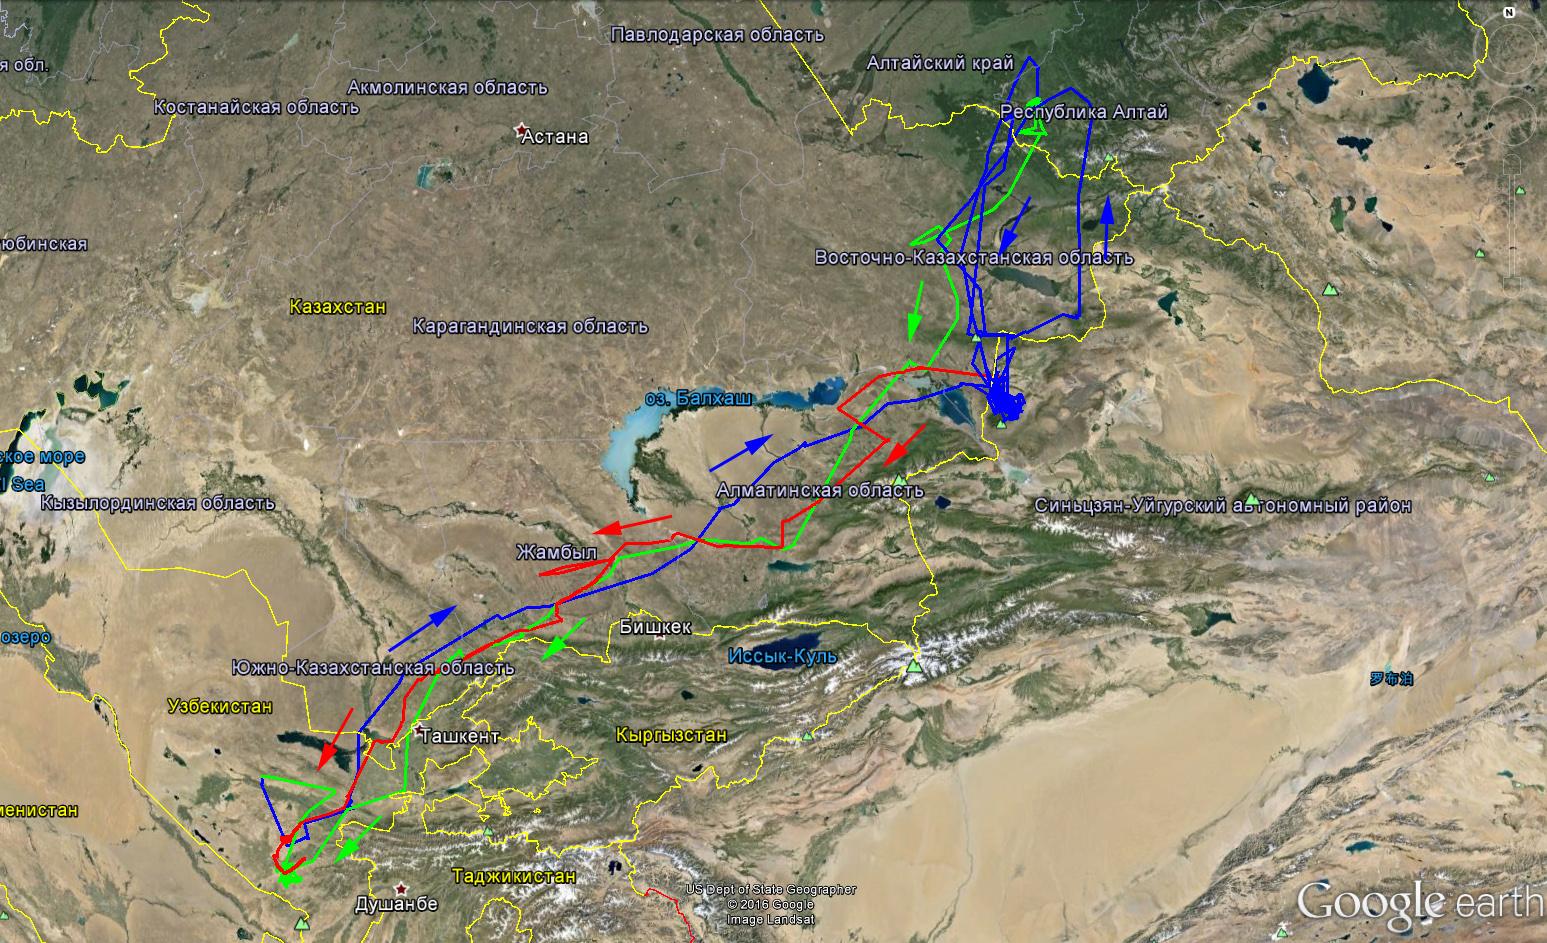 Полный маршруты миграции Каночки в 2014-2016 гг.: зелёный - первая осенняя миграция, синий - первая весенняя миграция и летние кочёвки, красный - вторая осенняя миграция